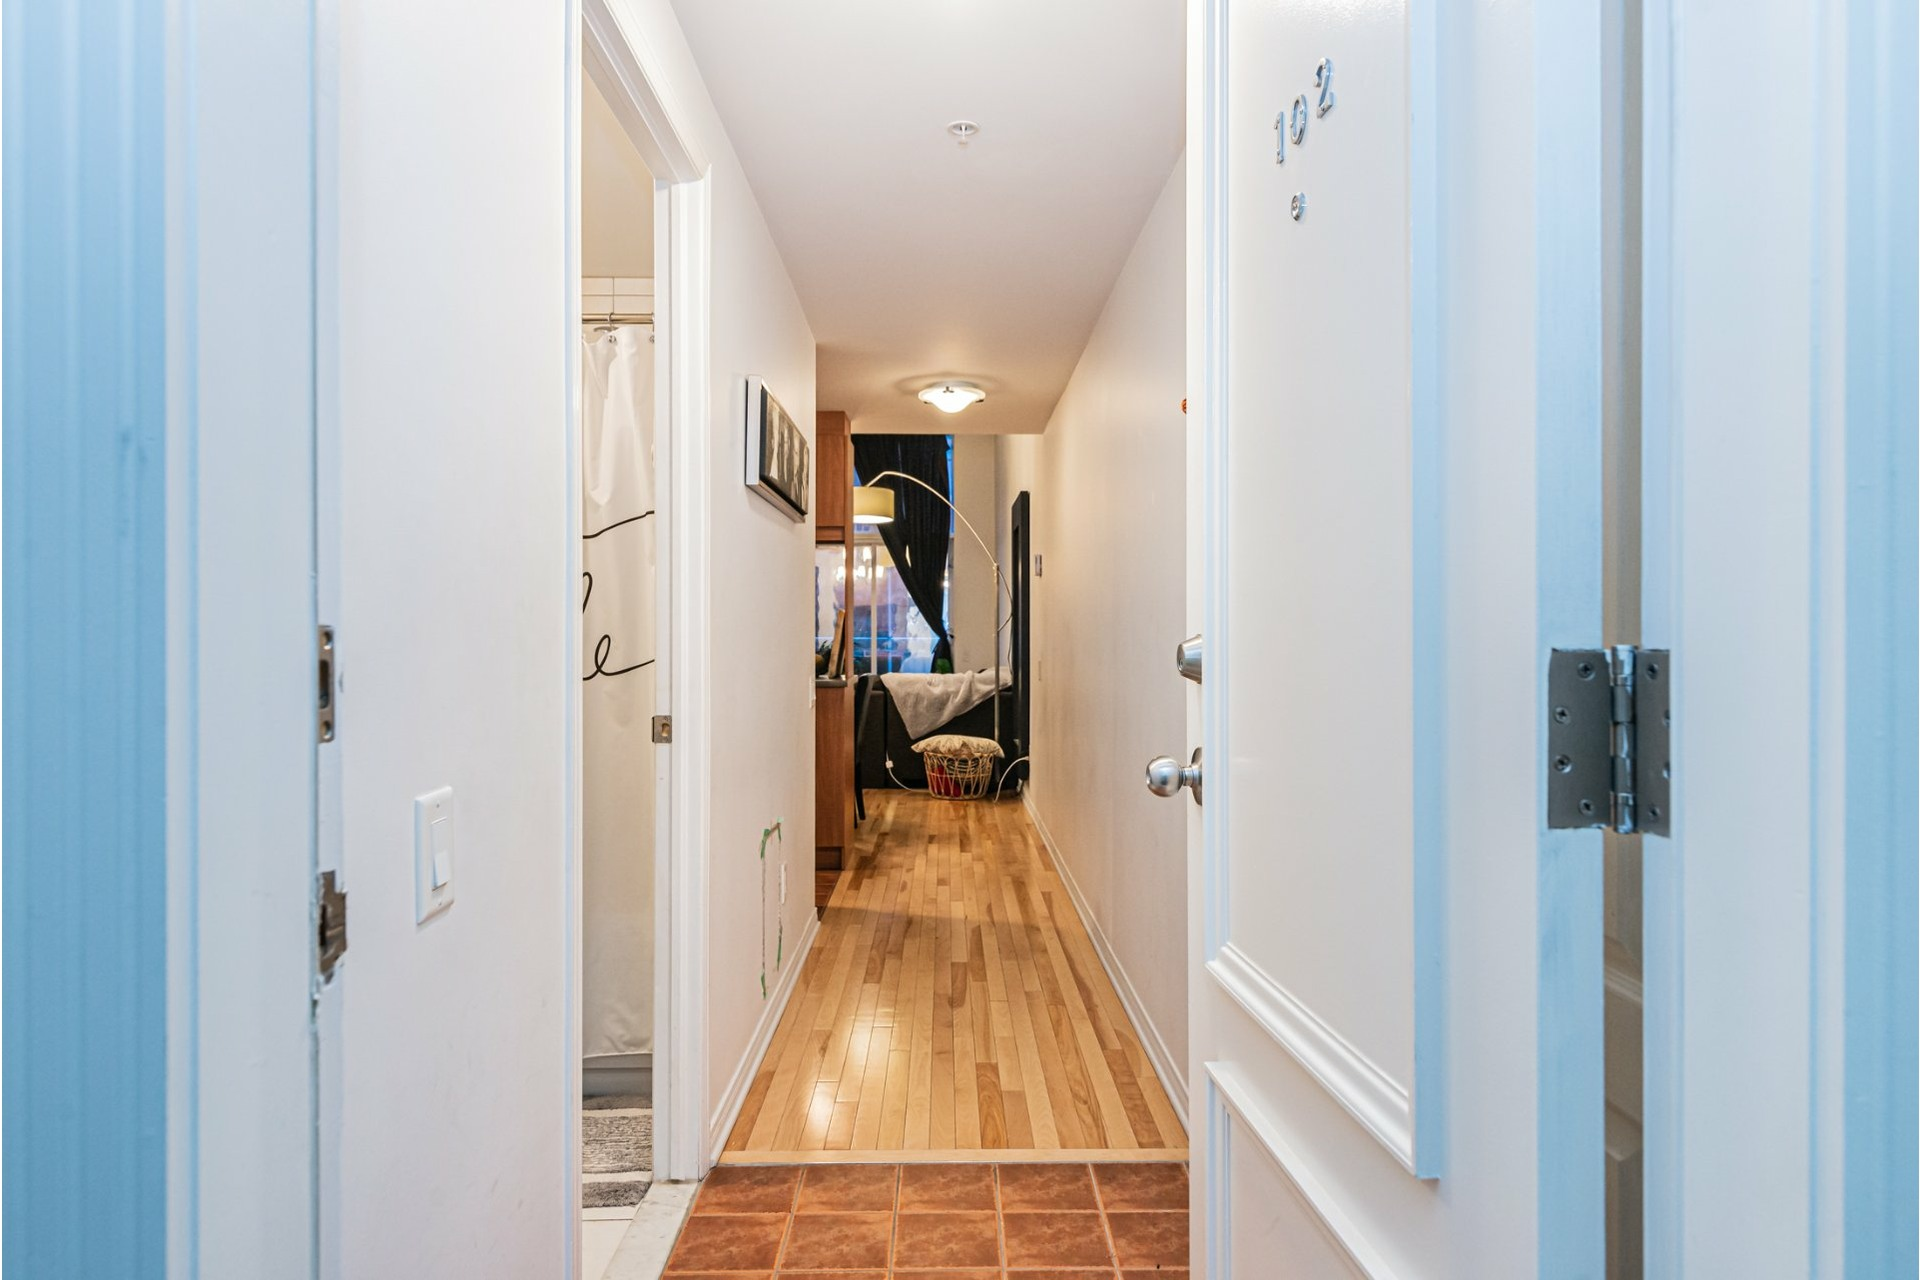 image 16 - Appartement À vendre Lachine Montréal  - 5 pièces